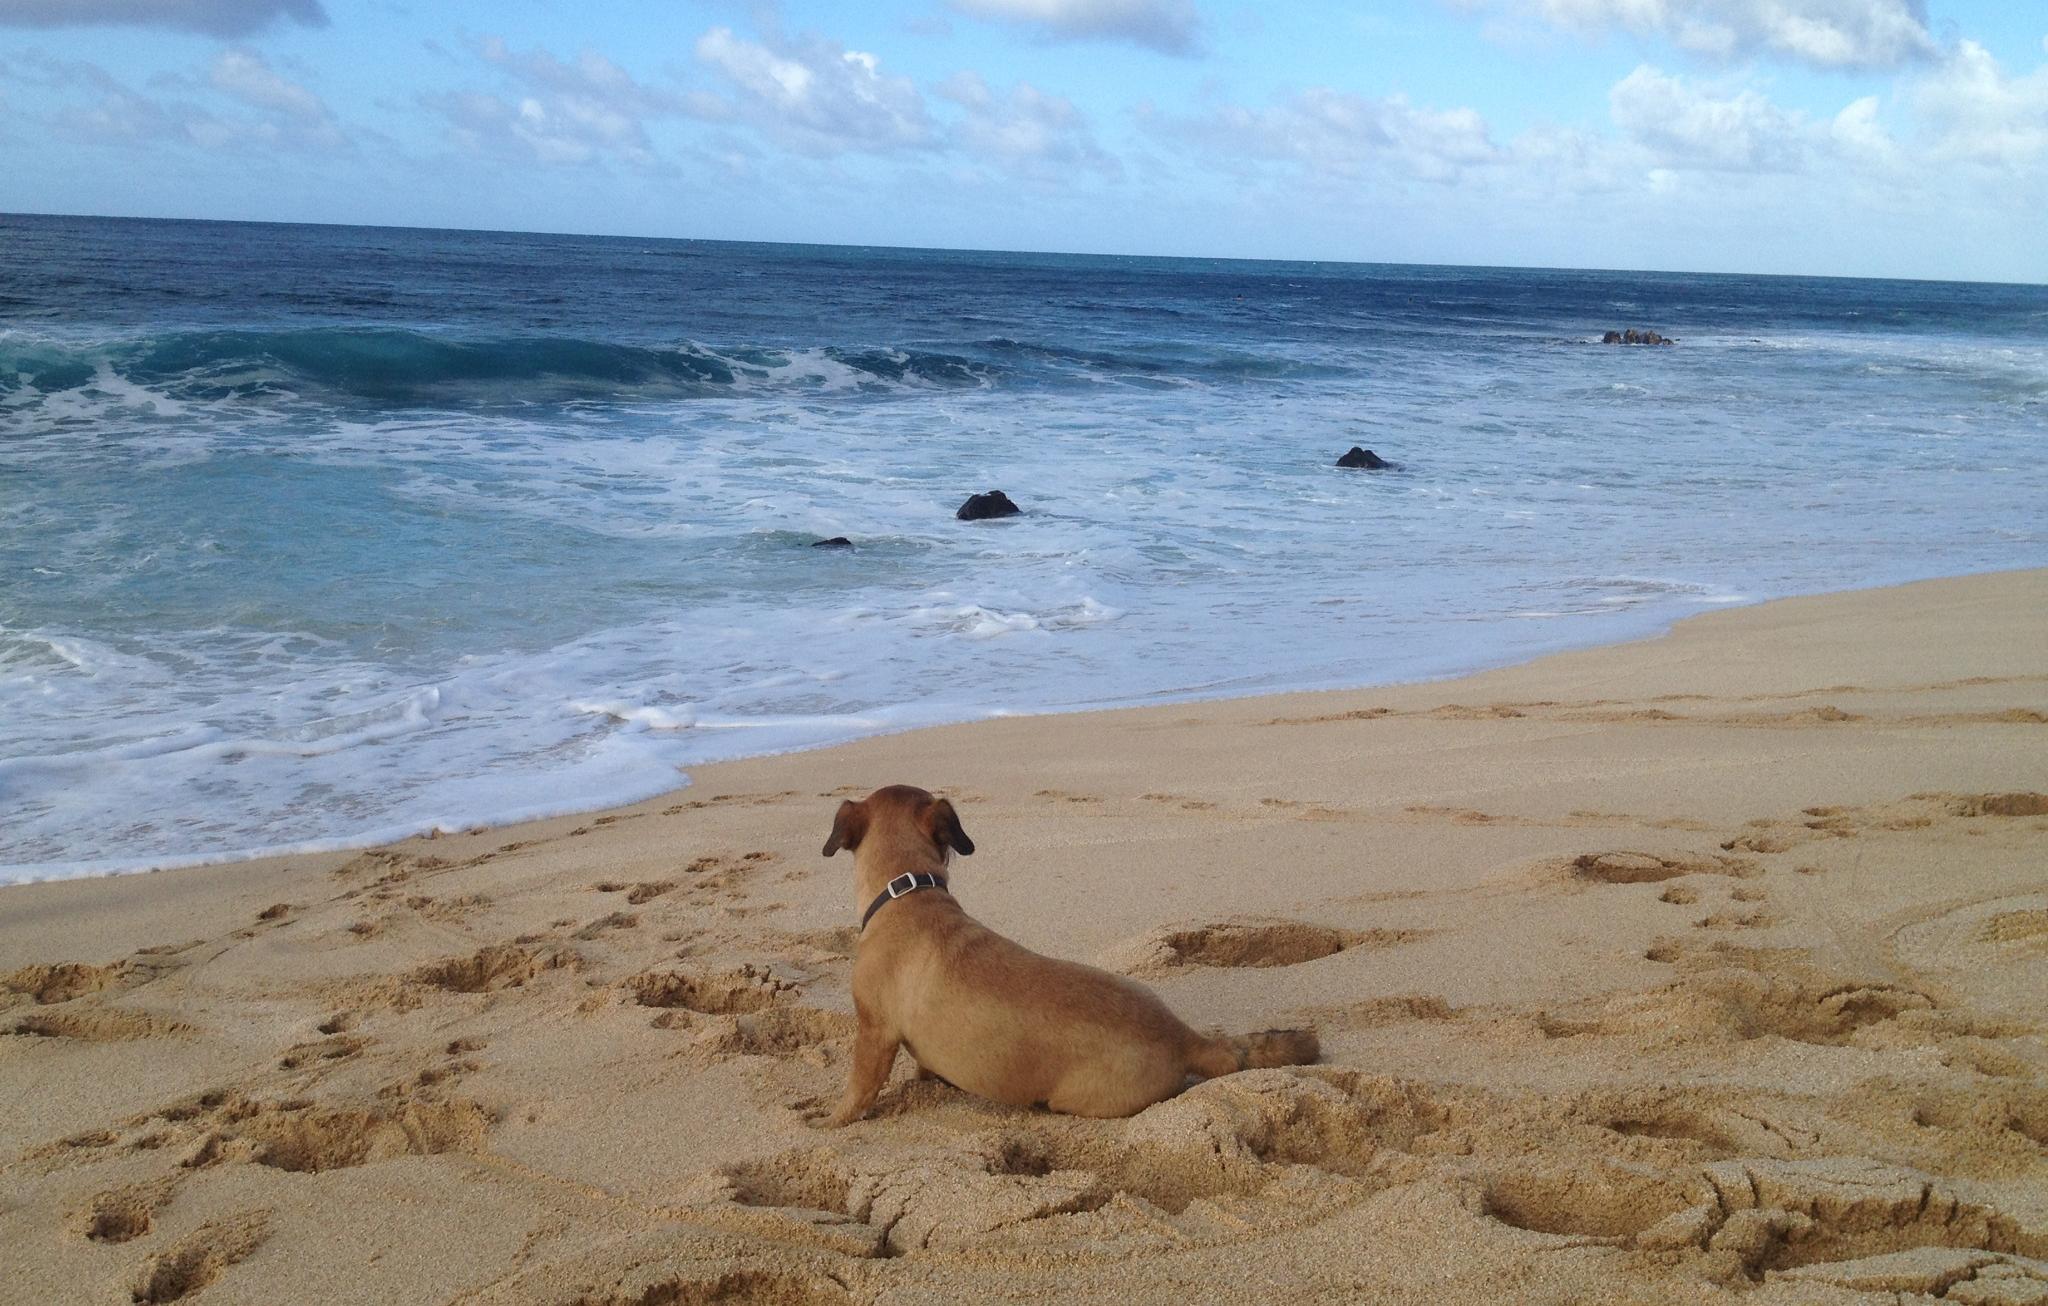 Toni's dog, Buster.